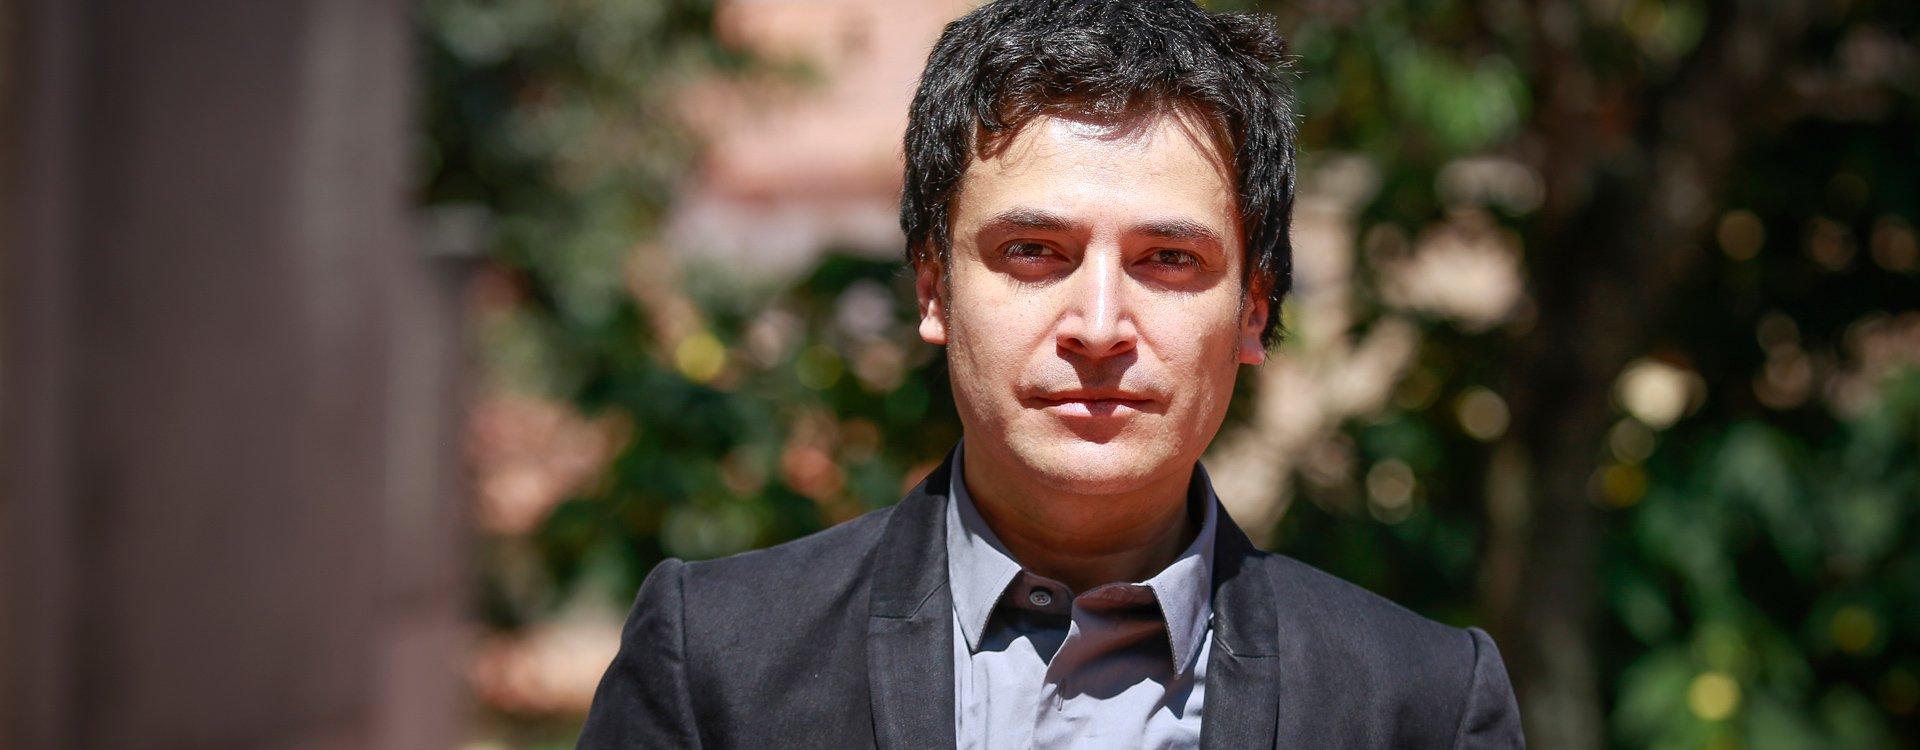 Hernando Barragán, decano de la Facultad de Arquitectura y Diseño